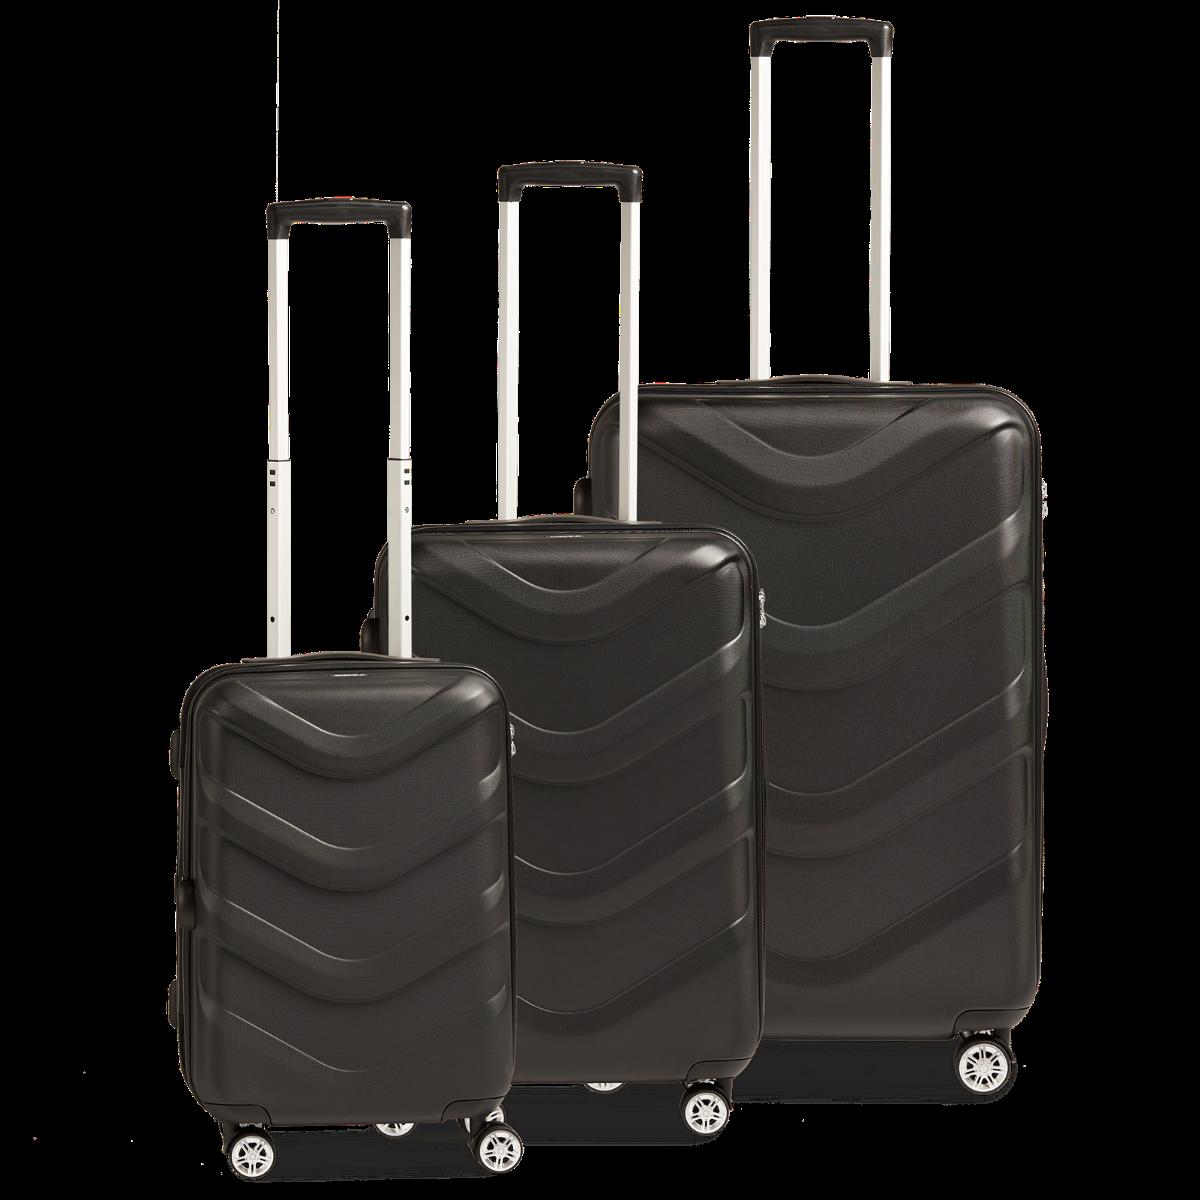 3-tlg. Hartschalen-Koffer-Set mit 4 Rollen, Arrow 2 - Black